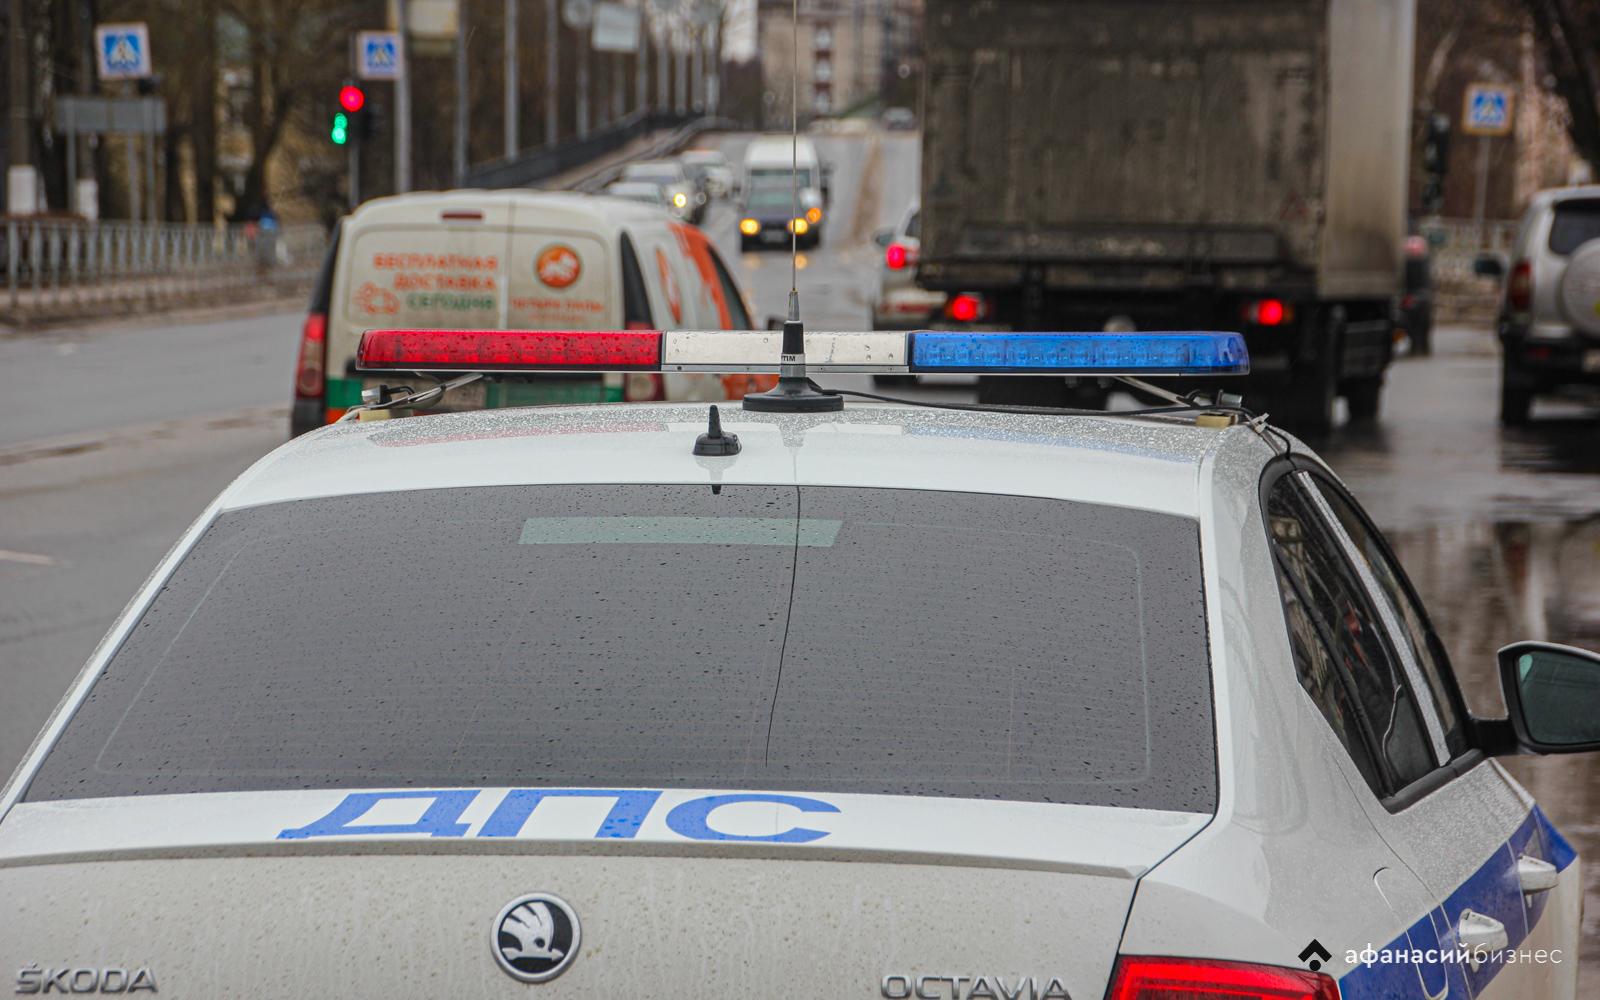 В Тверской области работает система «Паутина» для розыска машин и обжалования штрафов - новости Афанасий